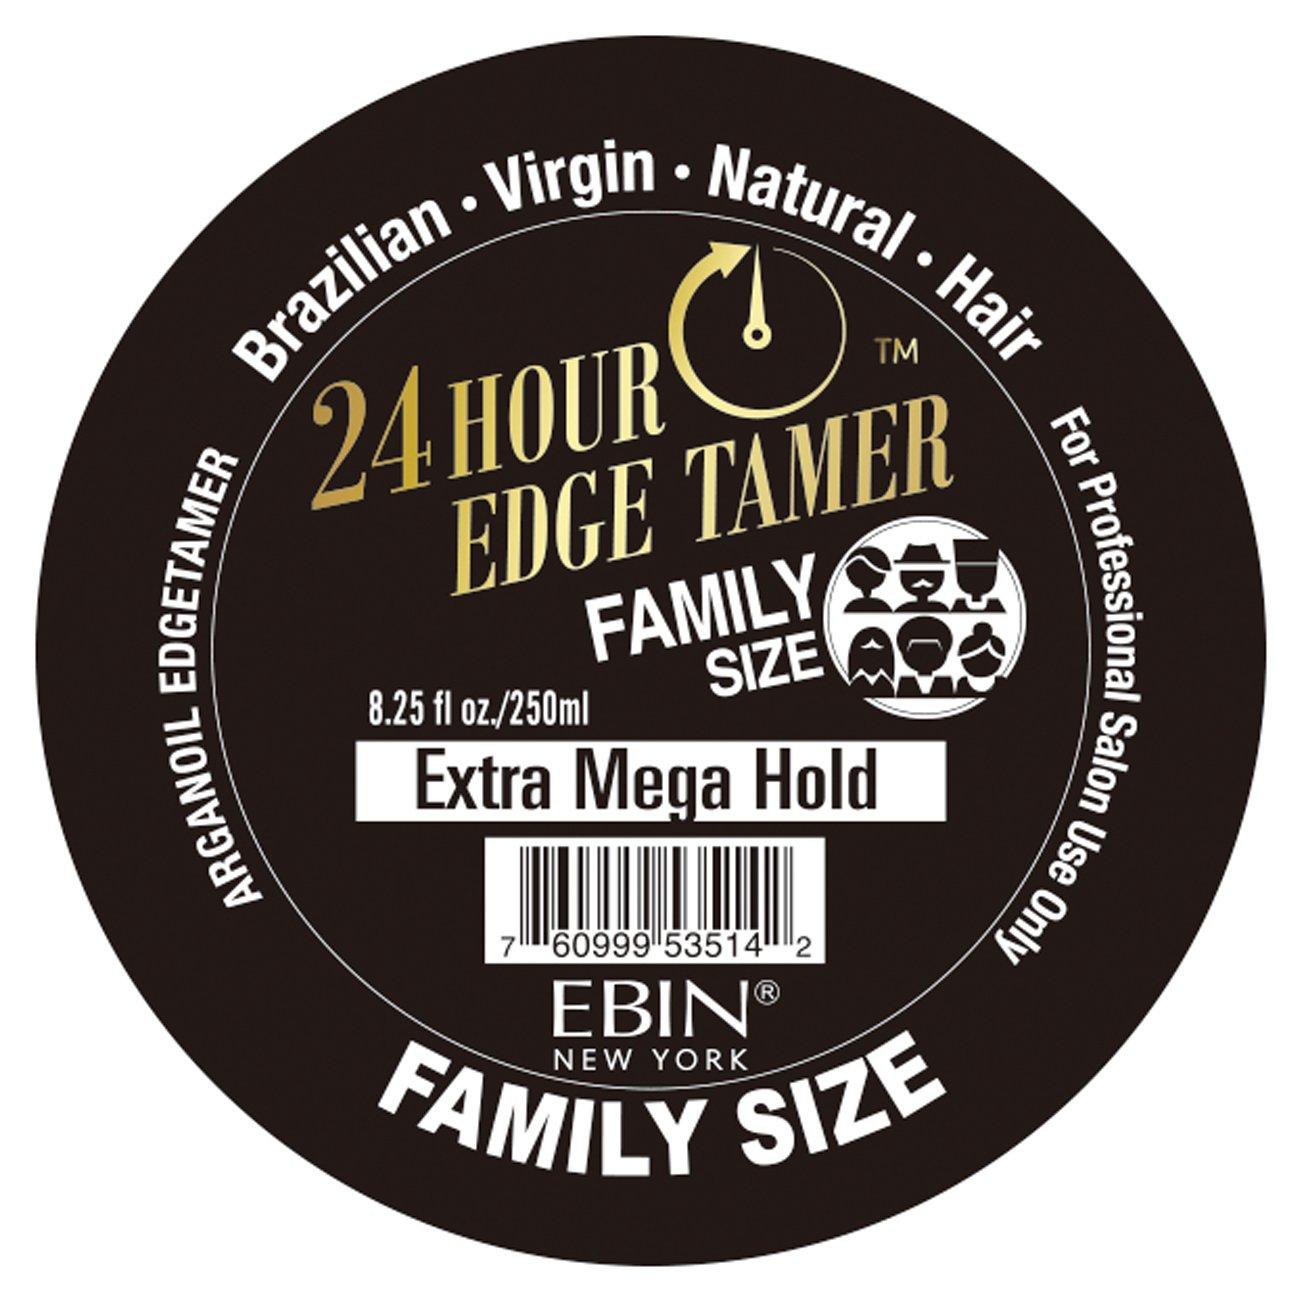 Ebin 24 Hour Edge Tamer Extra Mega Hold 8.25oz - Family Size